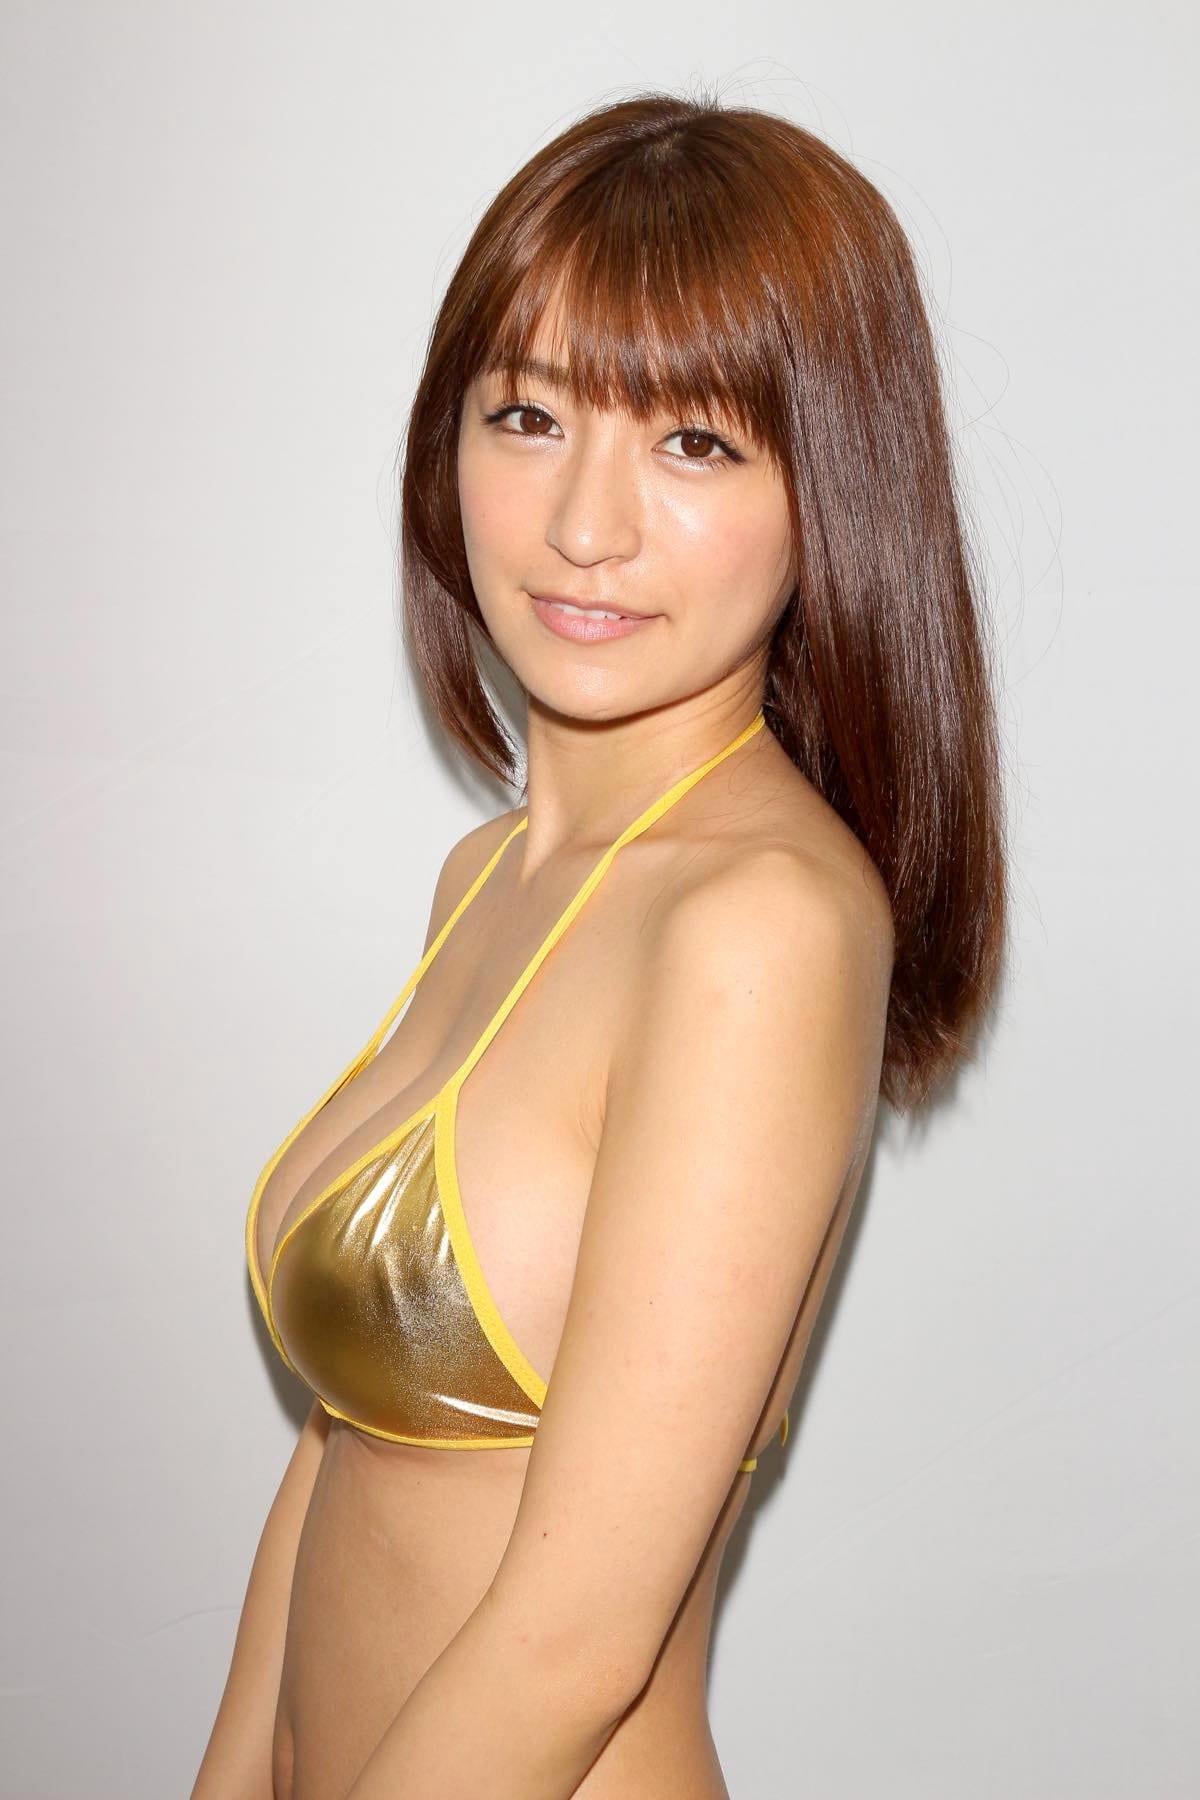 ☆HOSHINO「色気がダダ漏れ」衝撃的セクシーさで攻める!【写真25枚】の画像012